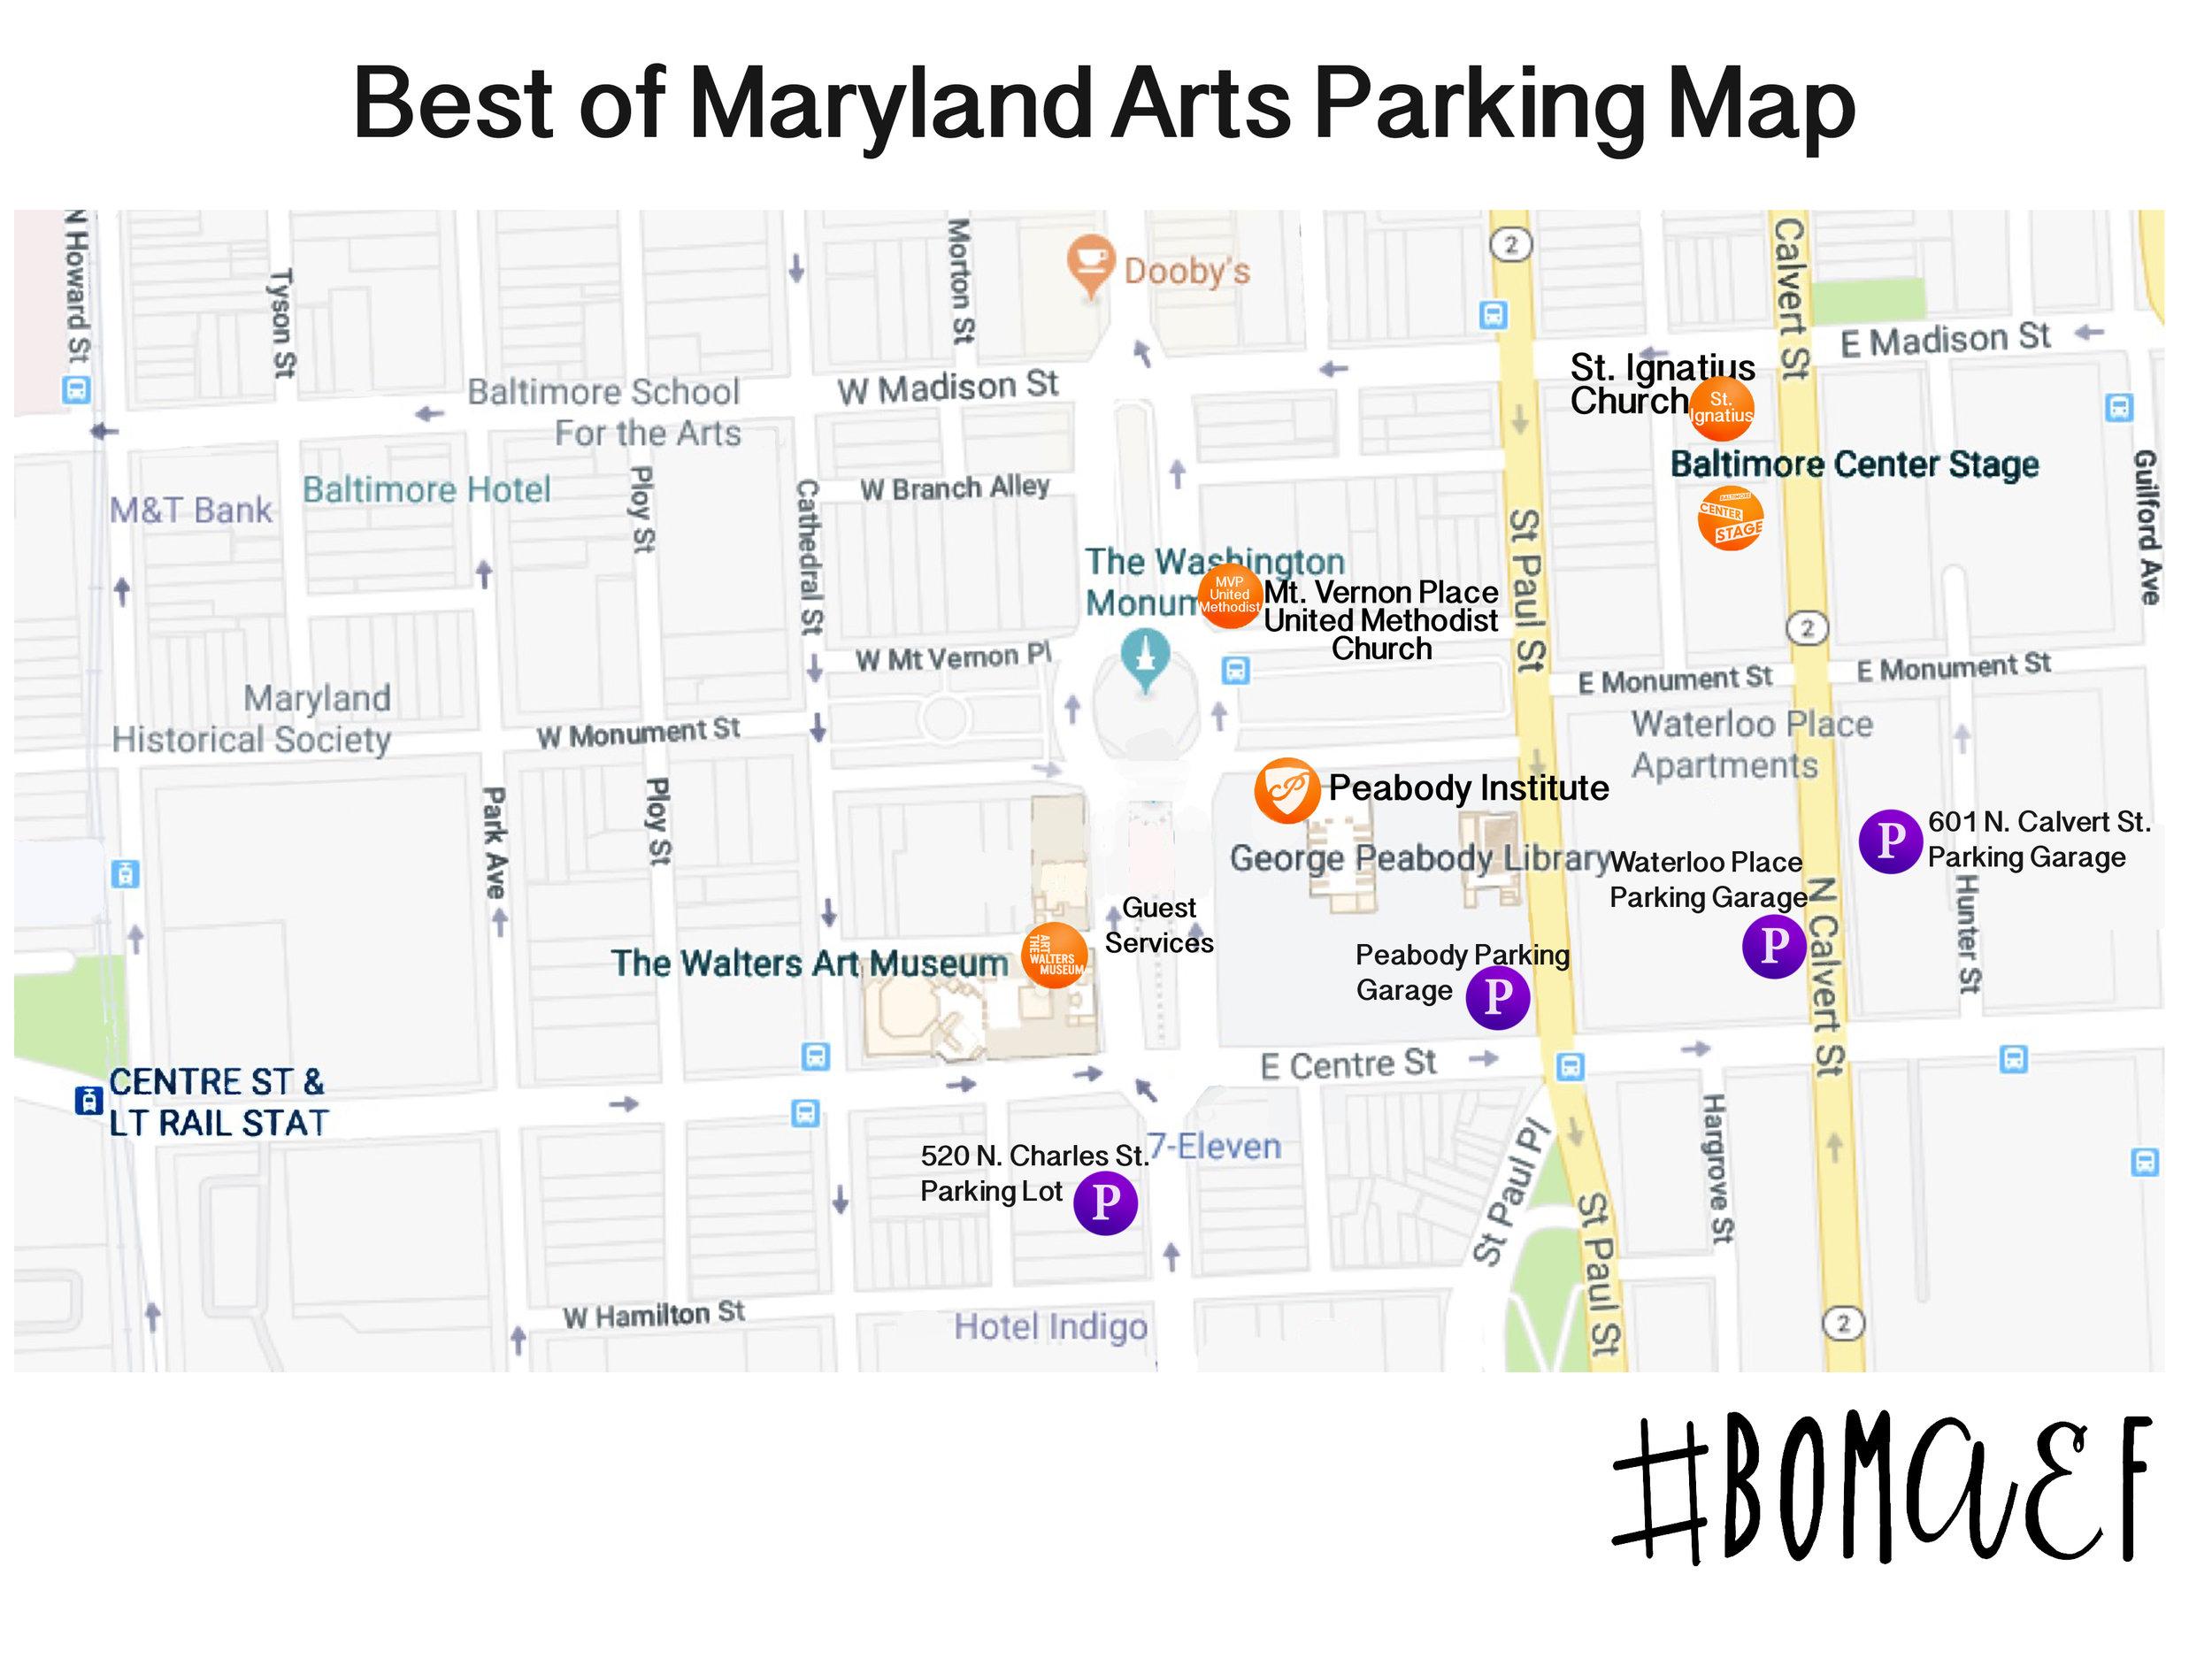 BOMAEF Parking Map.jpg